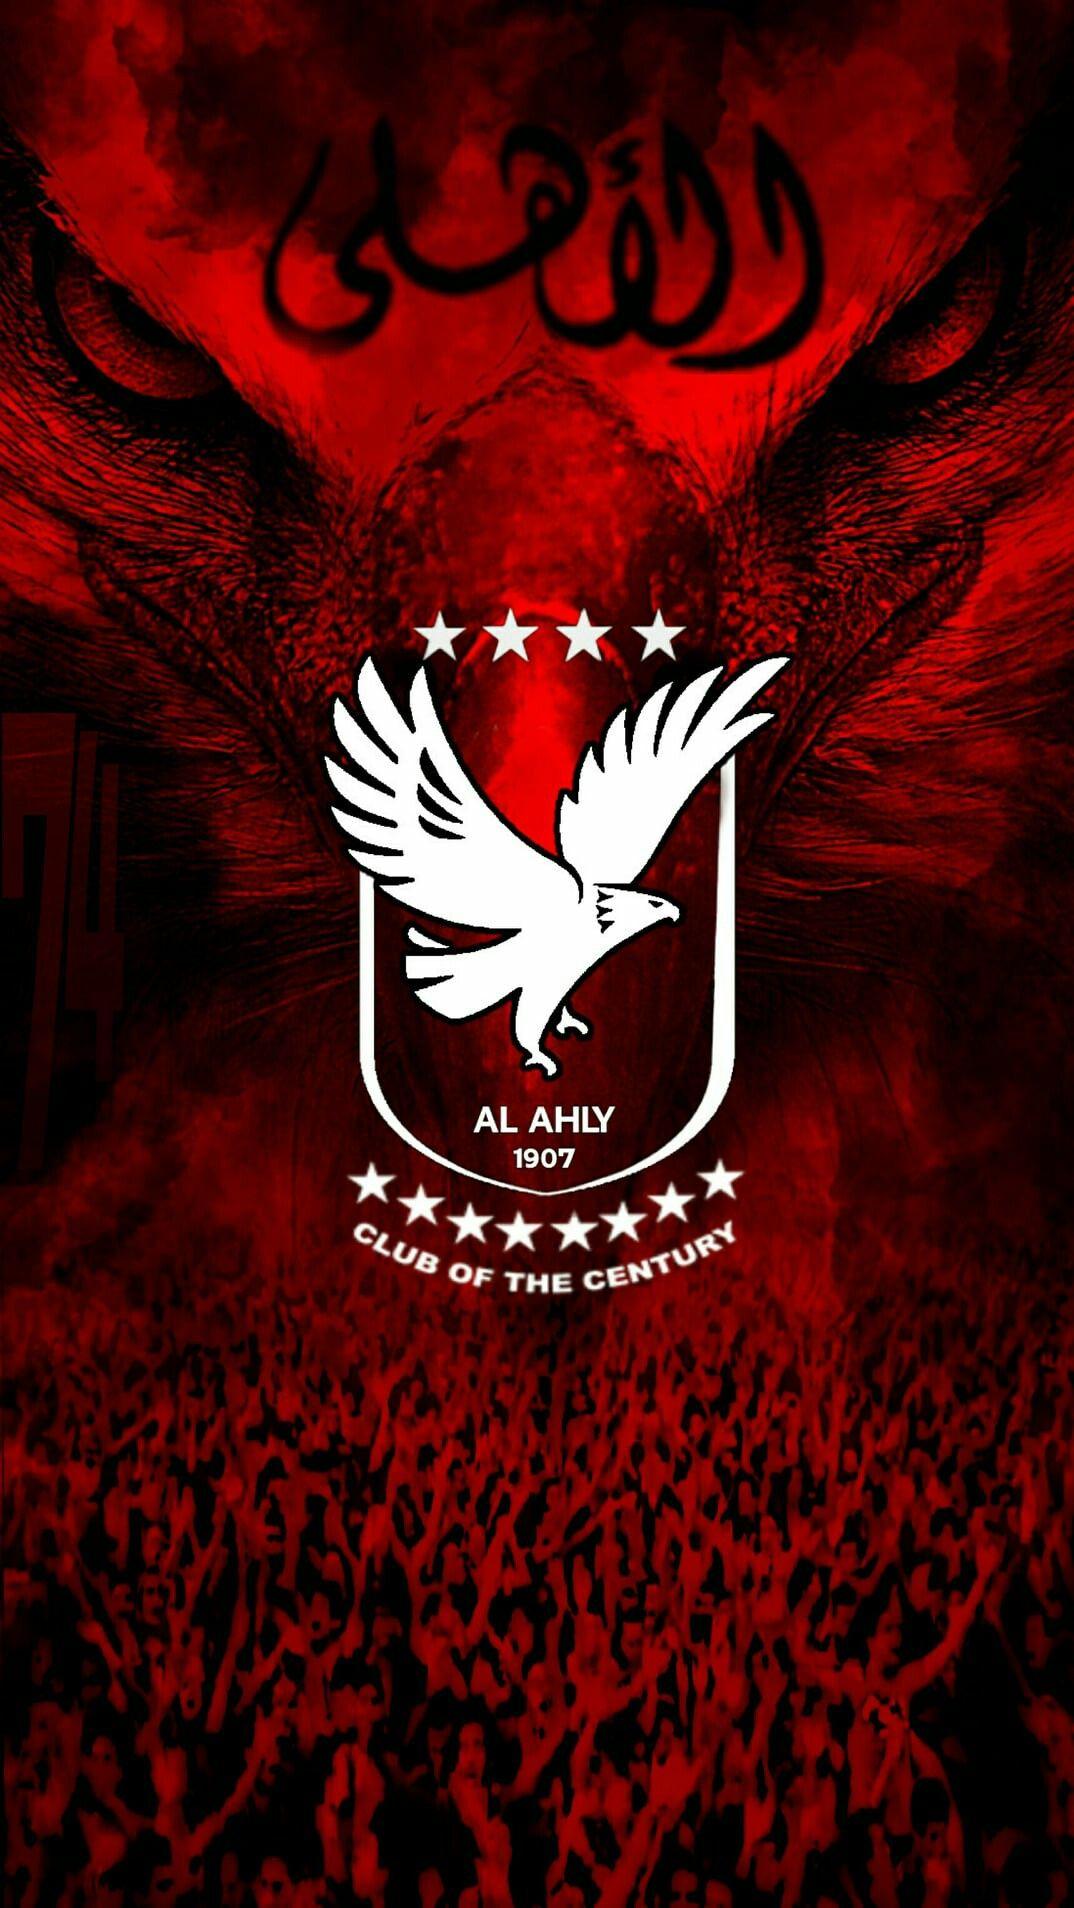 Al Ahly Wallpaper خلفيات الأهلى Egypt Wallpaper Al Ahly Sc Manchester City Wallpaper